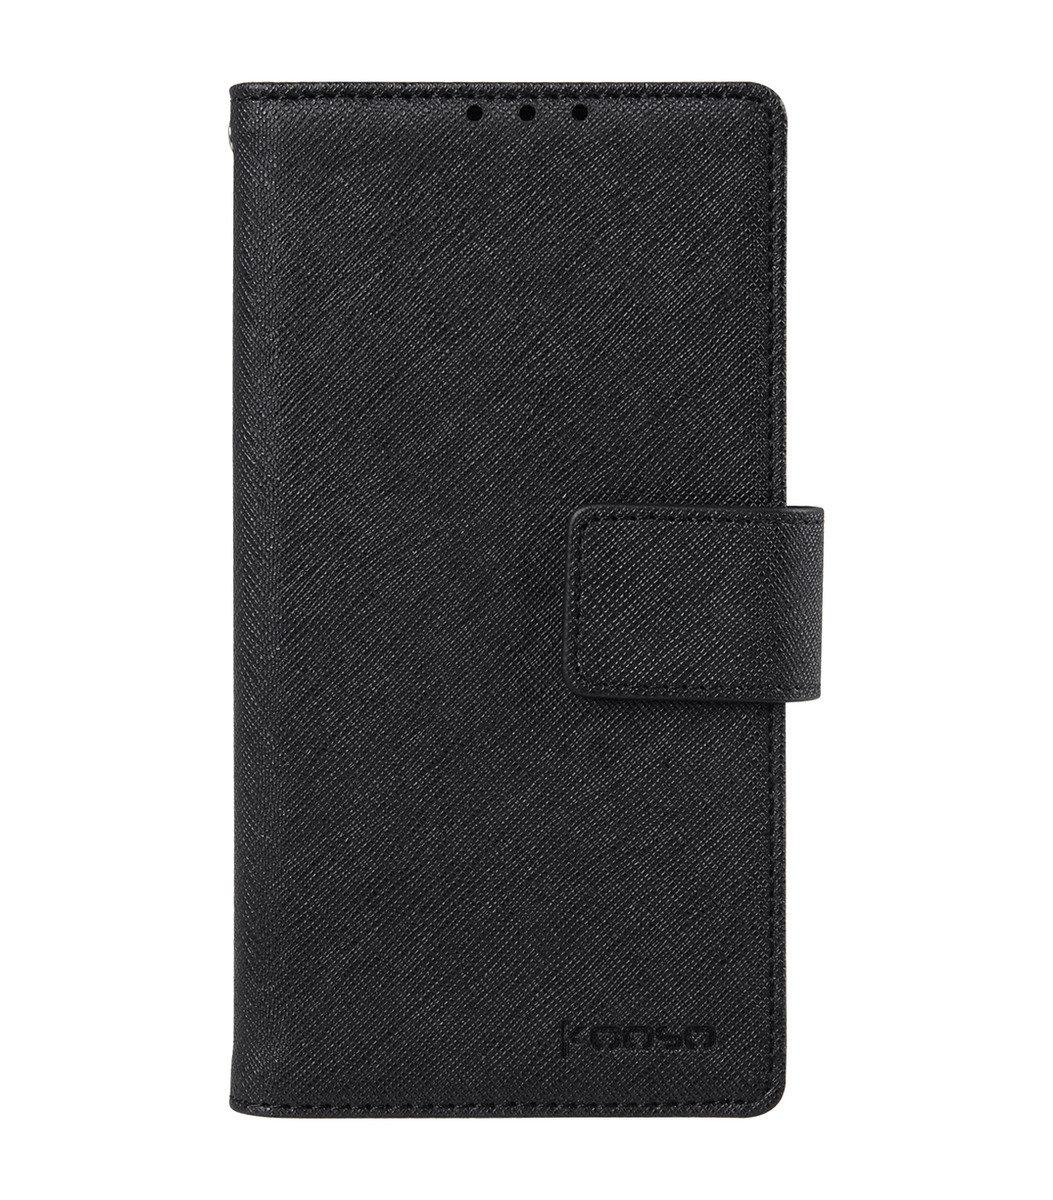 Sony Xperia Z4 Koo Book 手機套 (黑色十字紋)